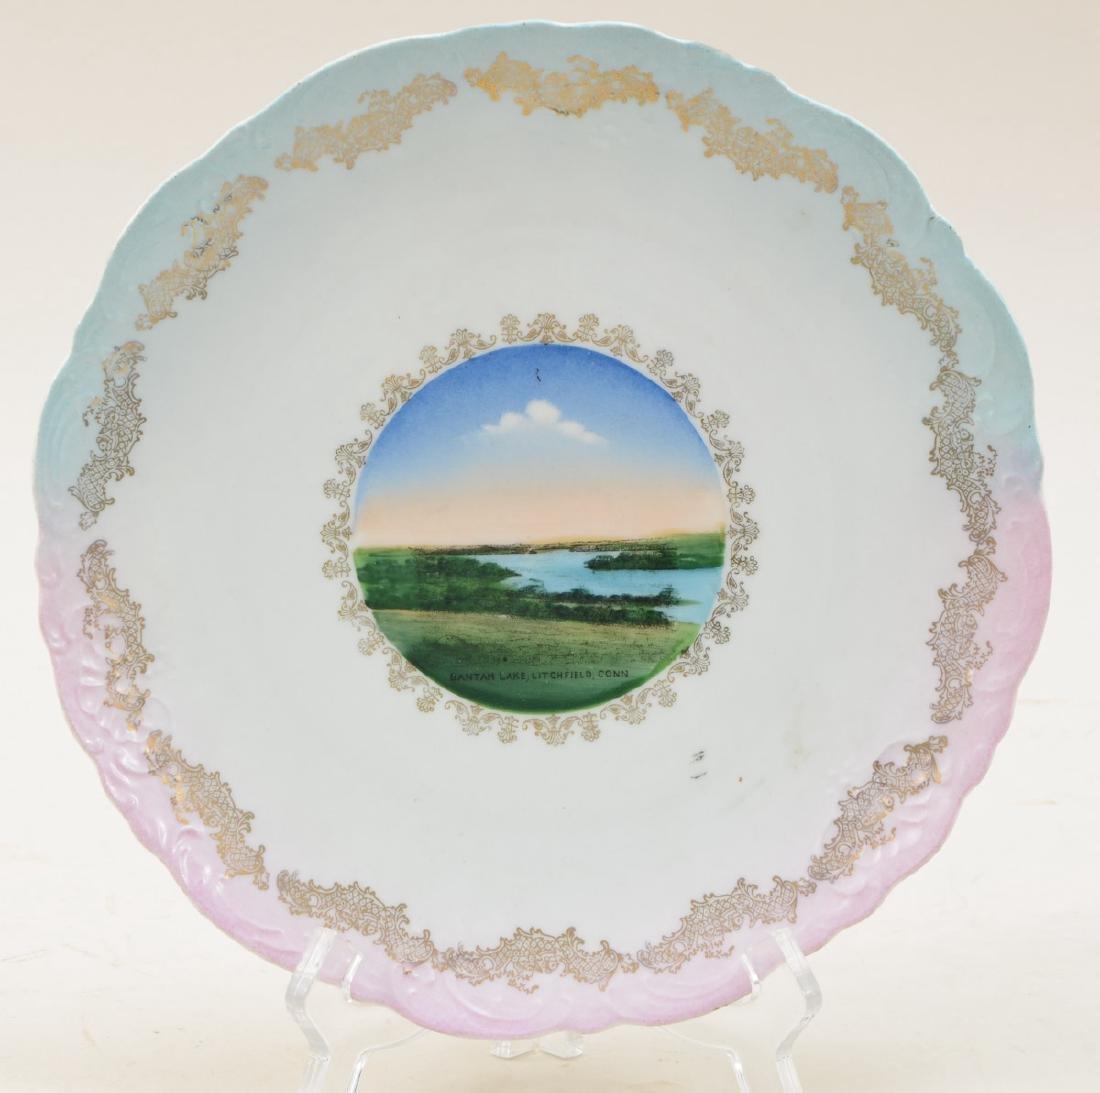 Souvenir plate bantam lake ct wheelock souvenir plate bantam lake ct 1betcityfo Gallery